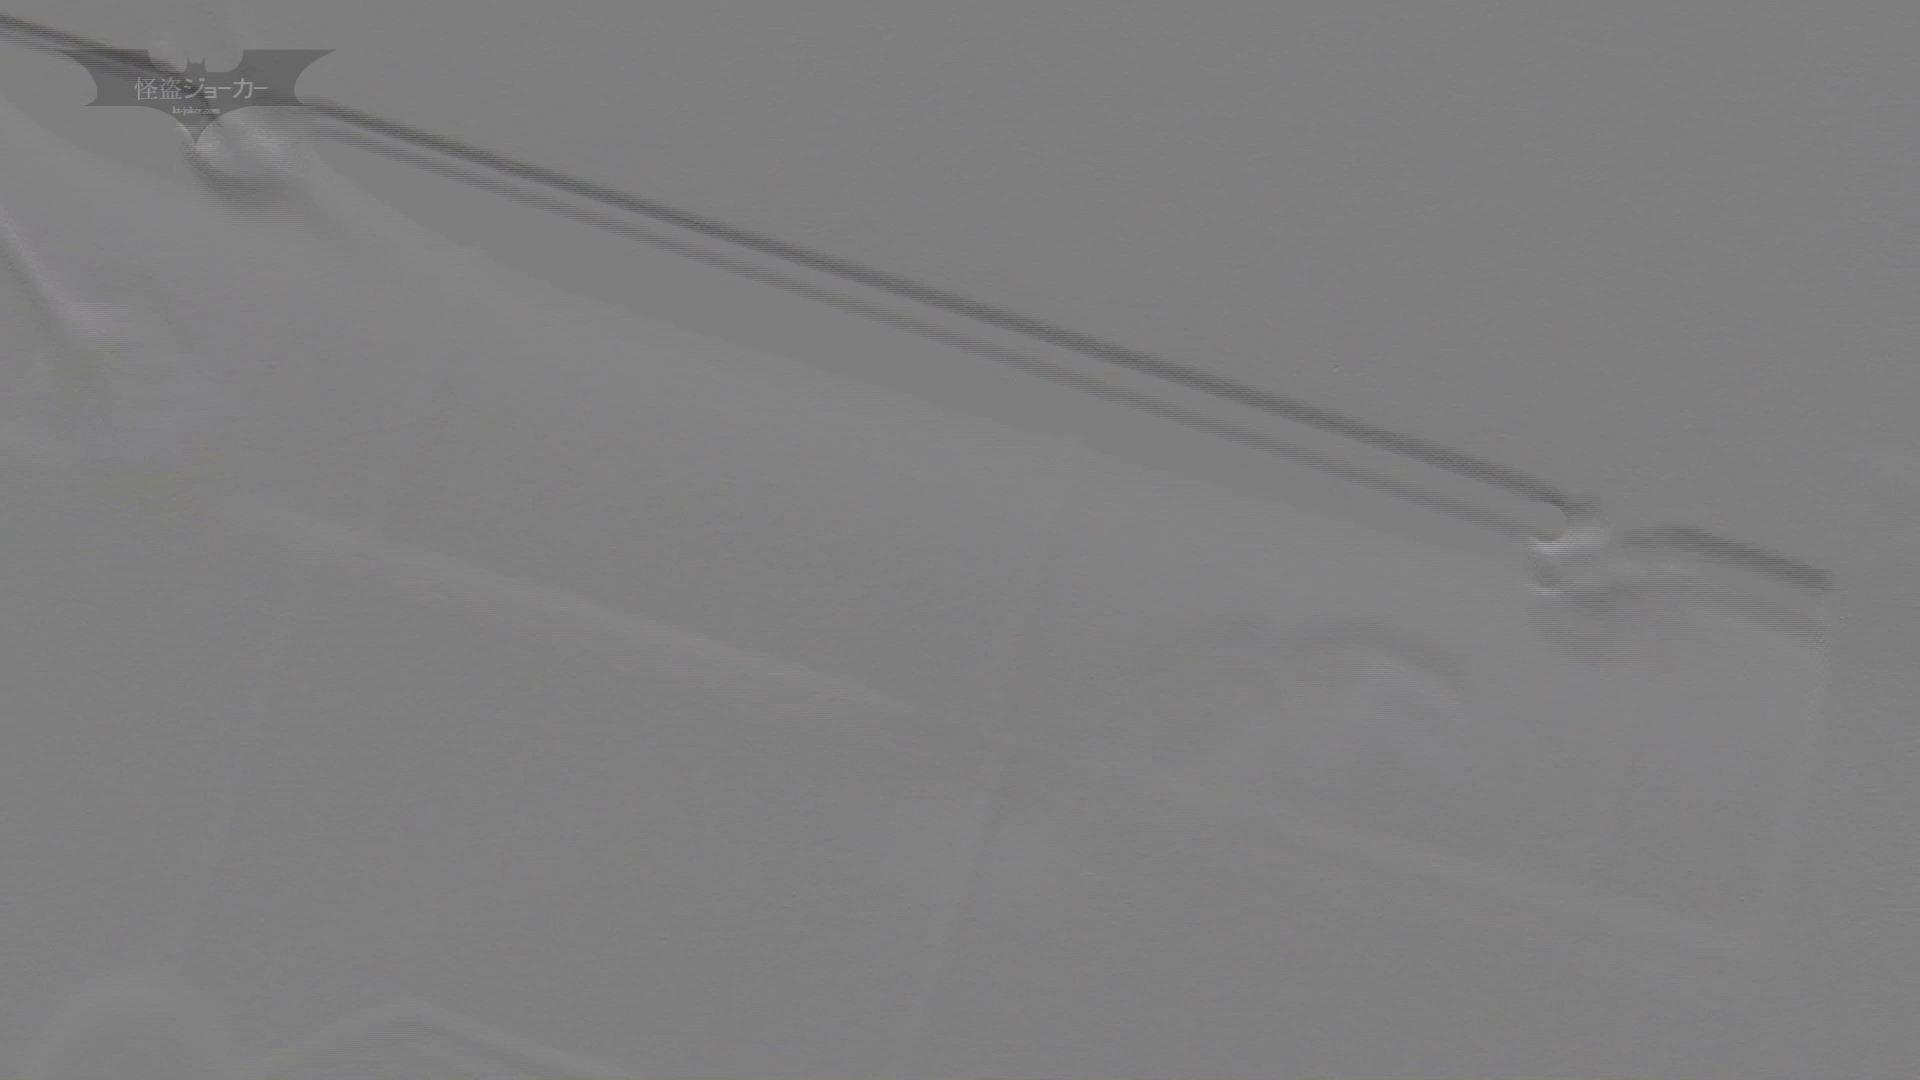 潜入!!台湾名門女学院 Vol.10 進化 盗撮 ぱこり動画紹介 77PIX 46